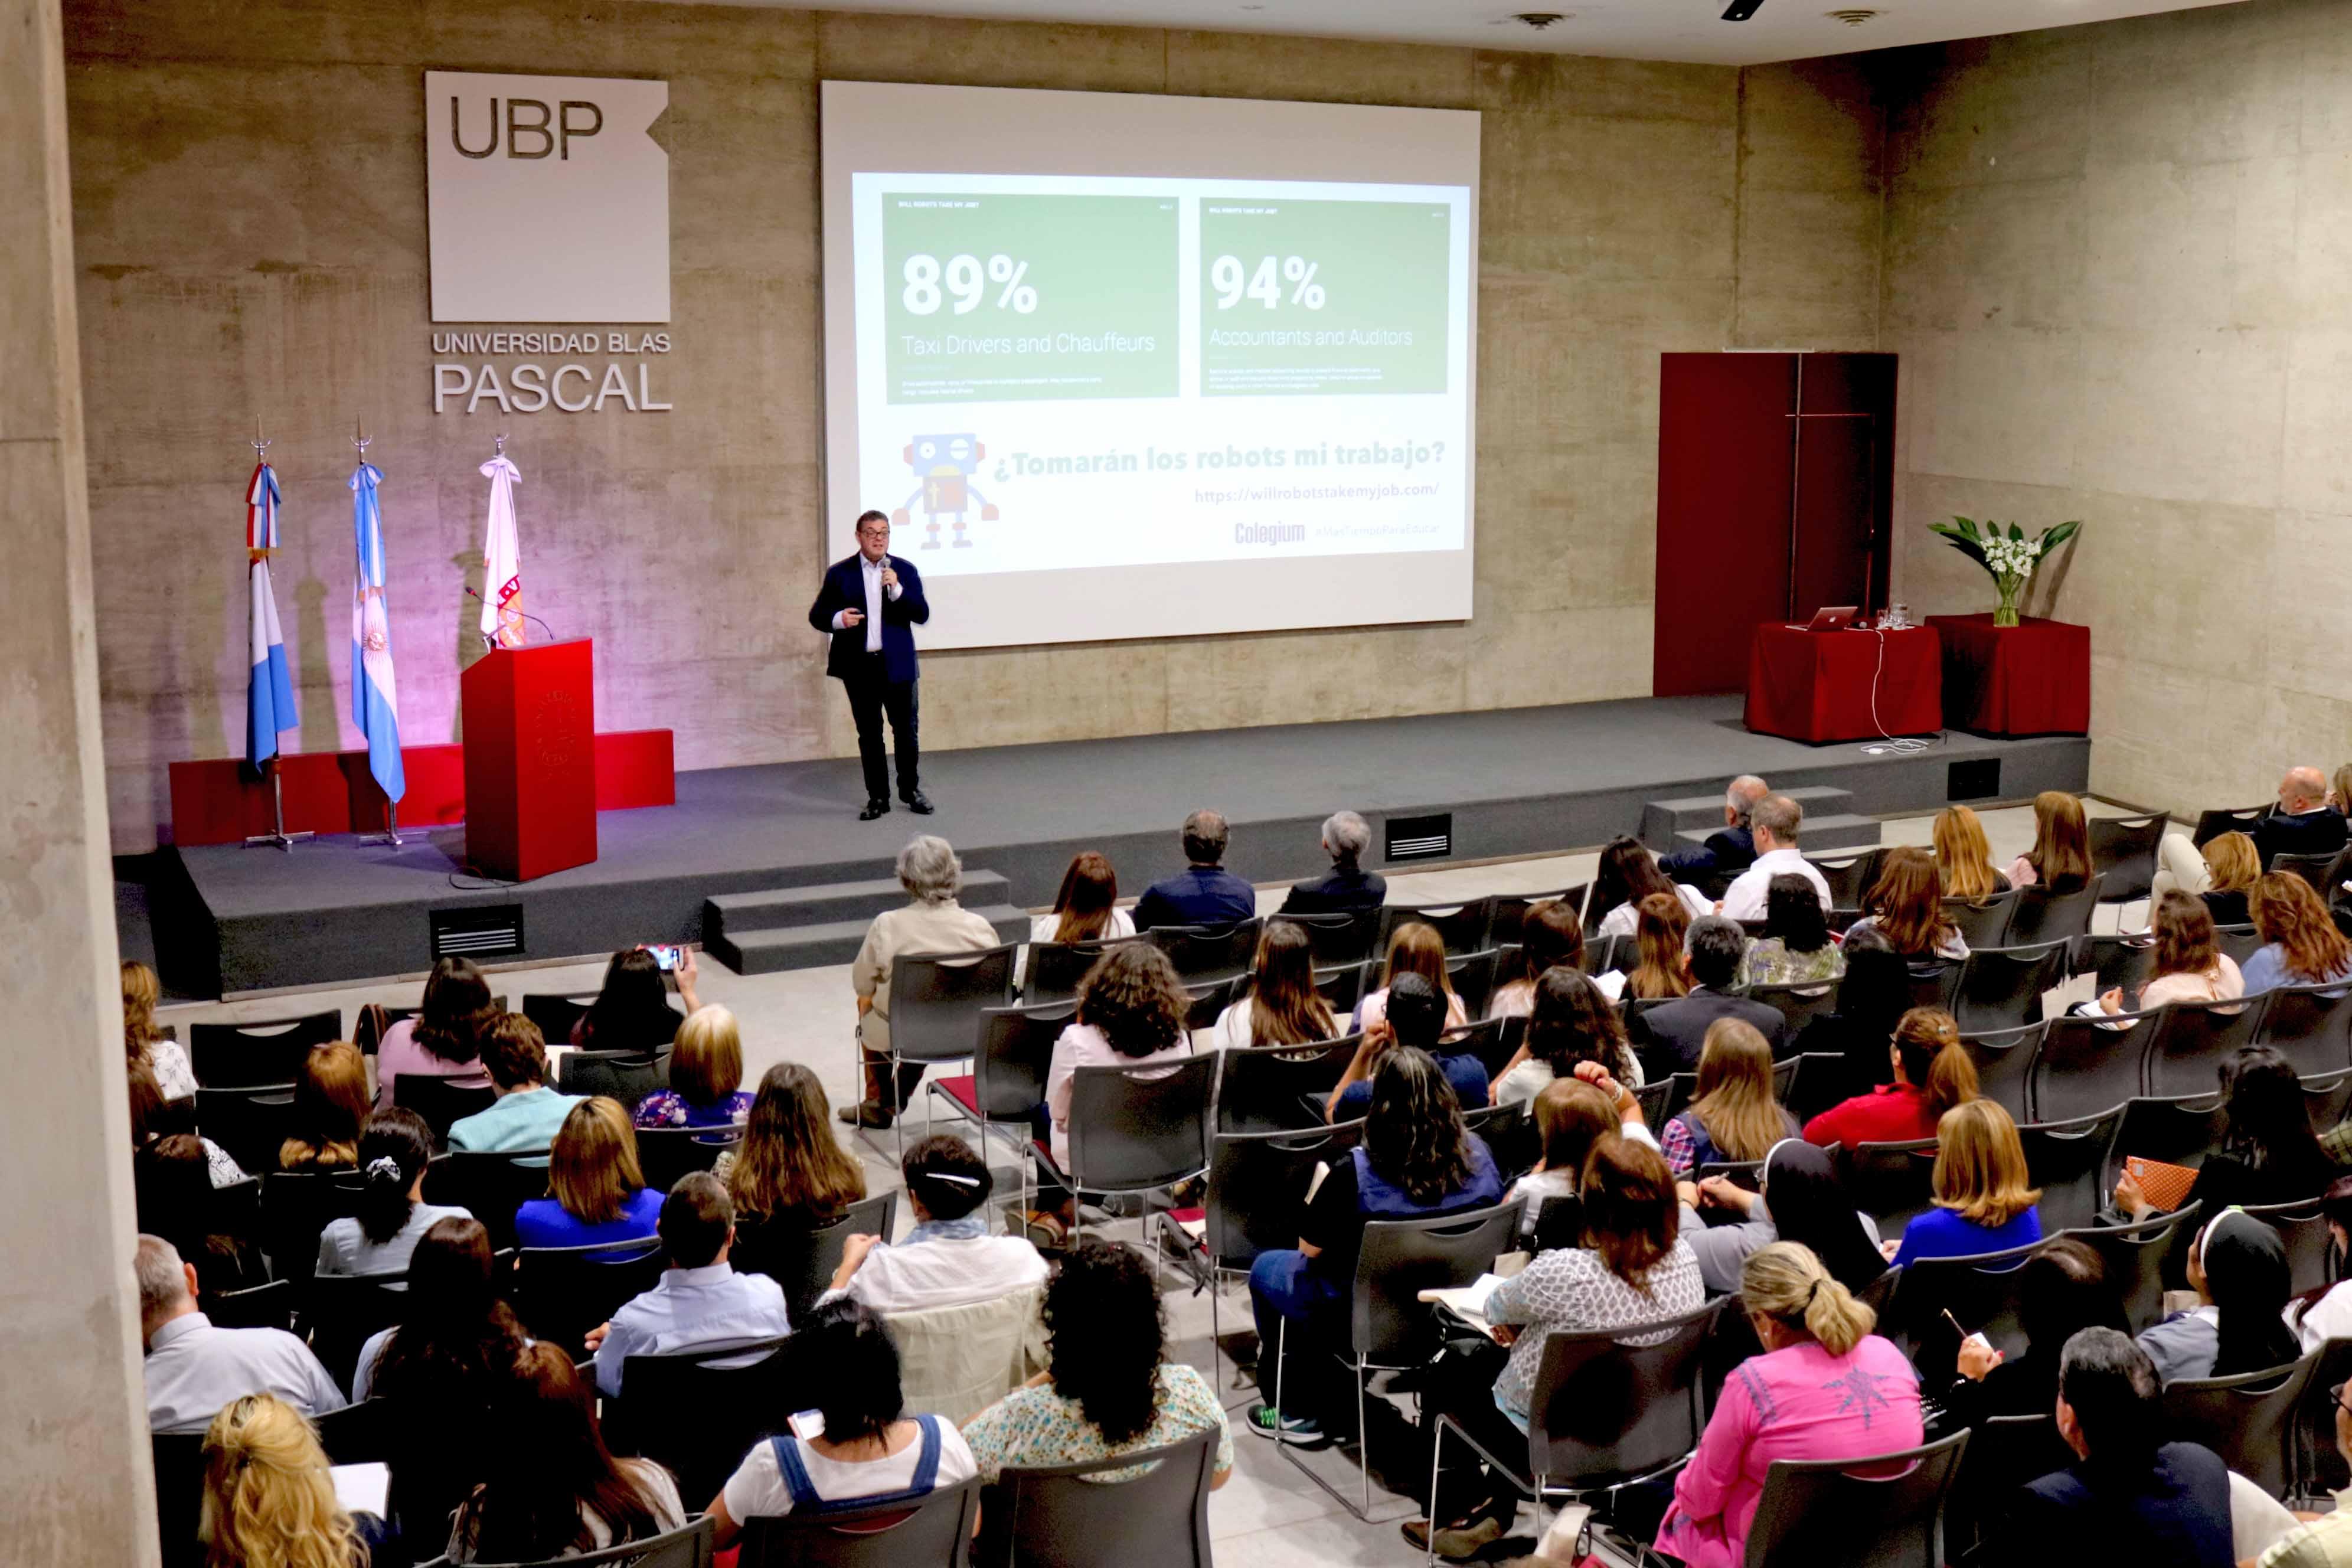 Colegios de Córdoba inauguraron su año académico en la UBP